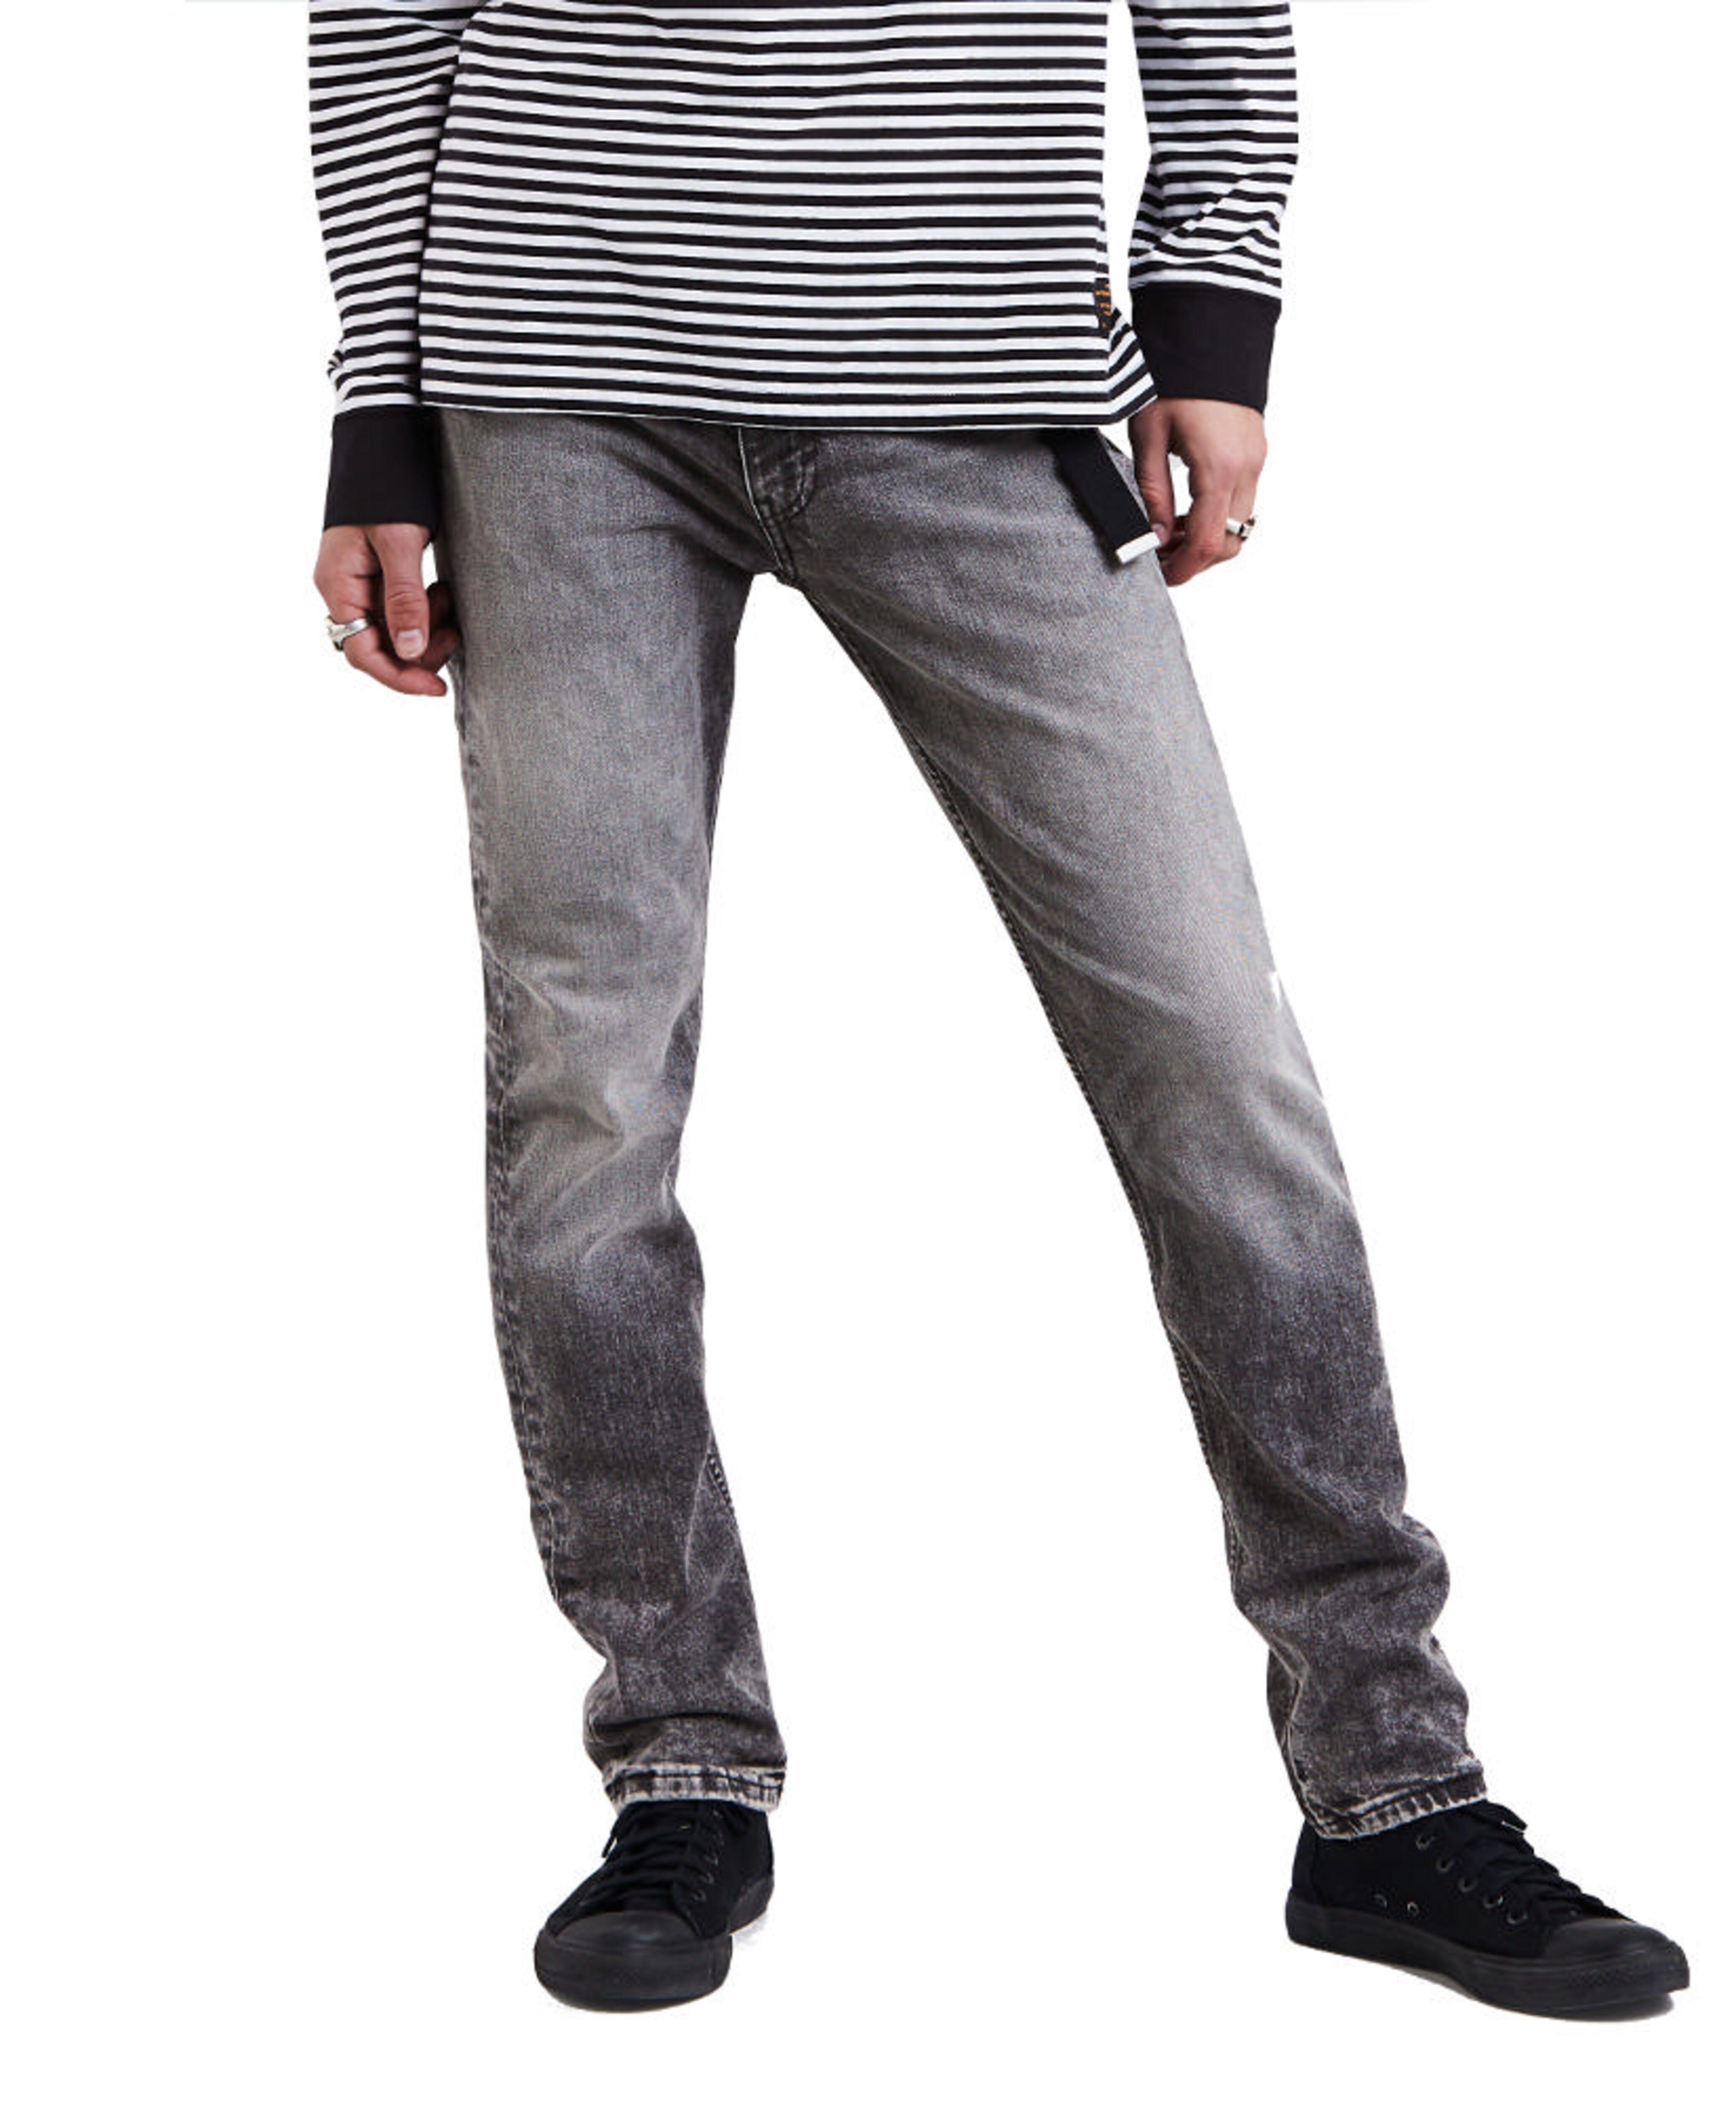 e888c8103e1a4b Levis Skate 511 Slim 5 Pocket Lomita Gr. 30-36 Hose Jeans